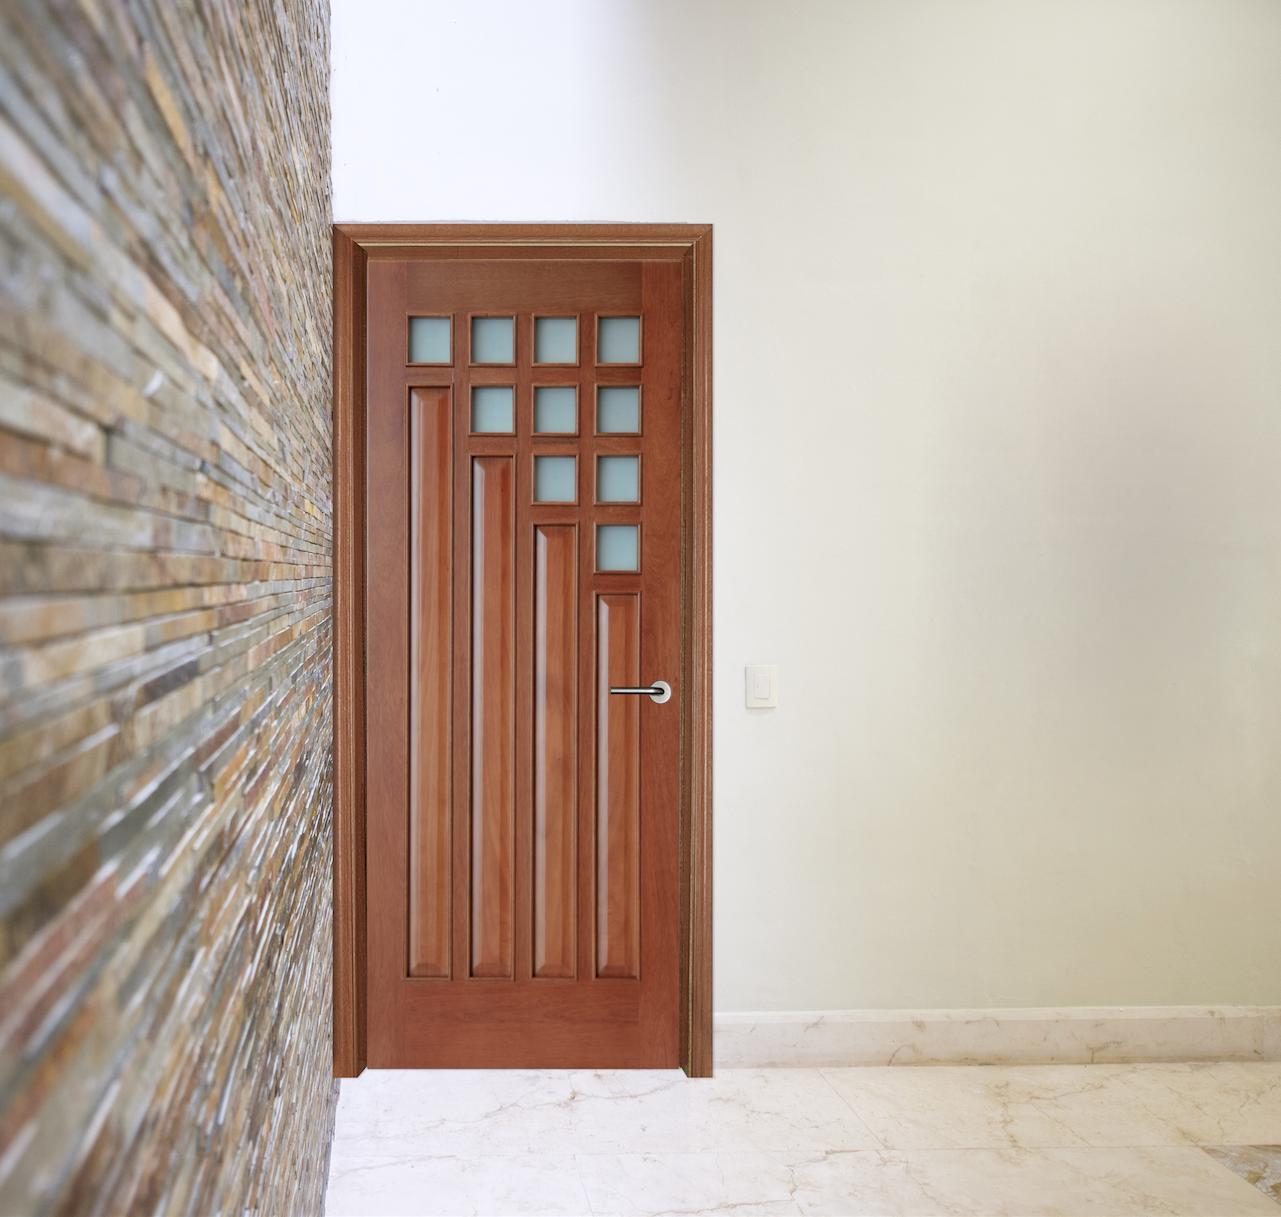 Elige las puertas adecuadas para darle mayor sensaci n de for Puertas decorativas para interiores